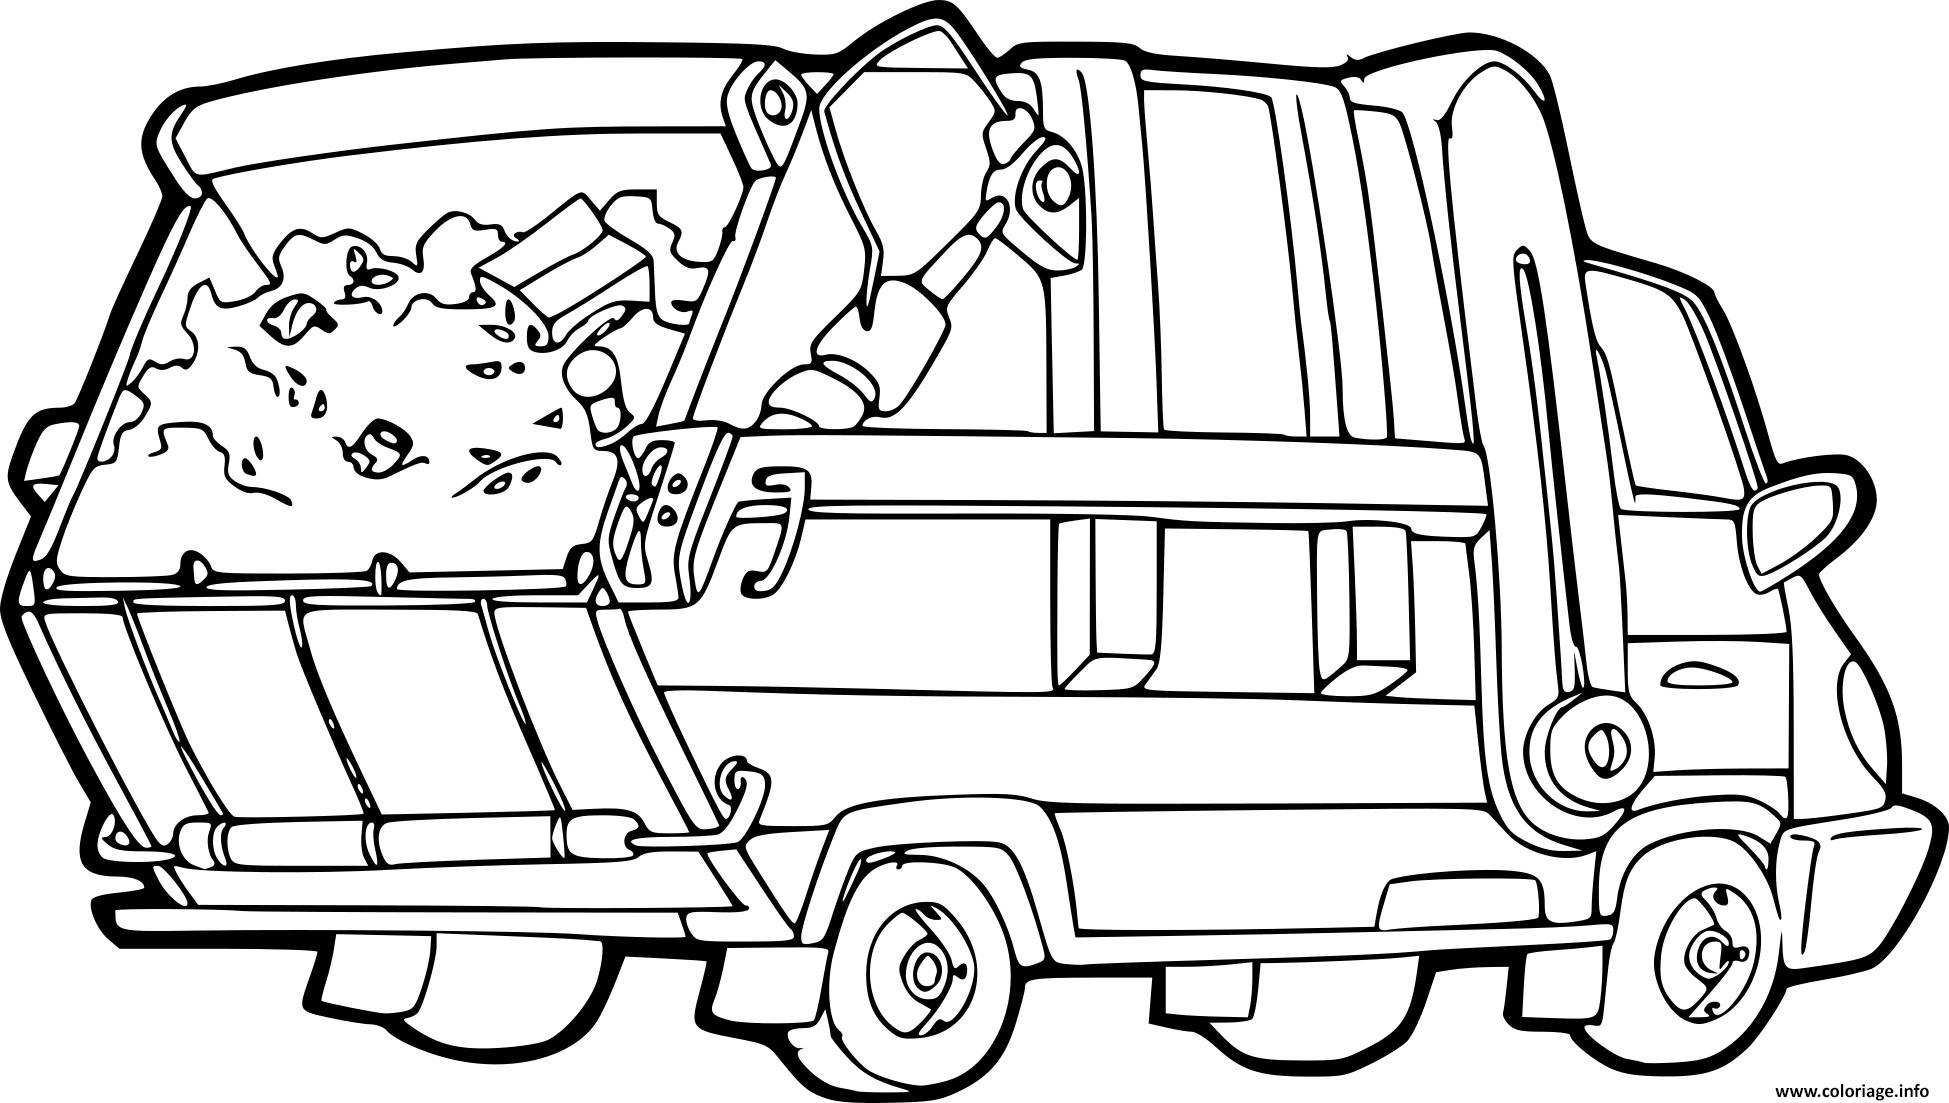 Coloriage Camion Poubelle Benne A Ordures Menageres Dessin ...